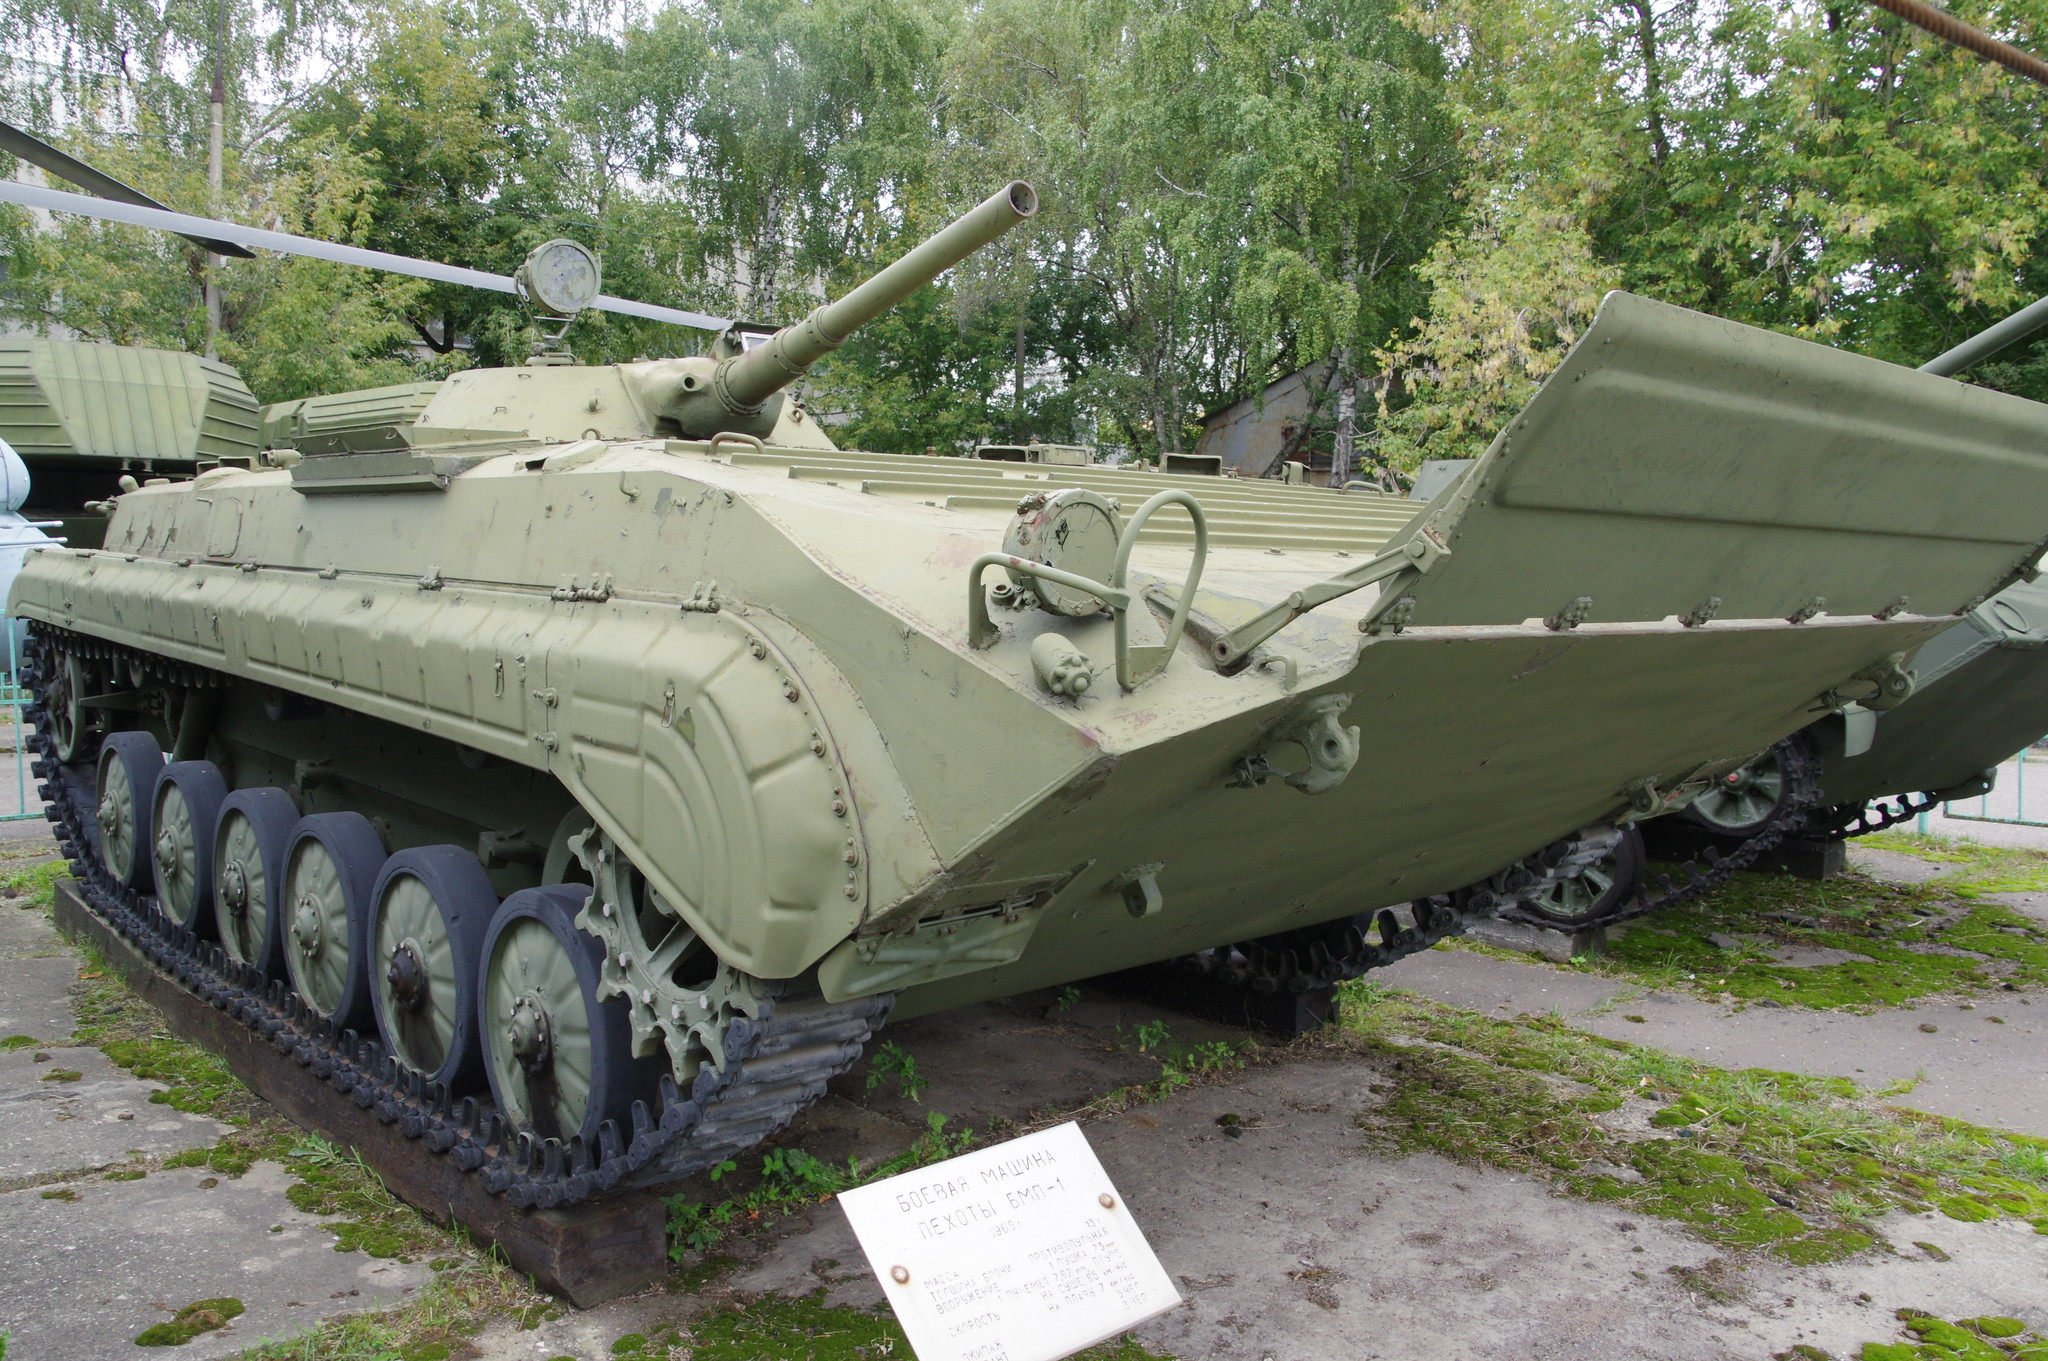 Боевая машина пехоты БМП-1 в экспозиции Центрального музея Великой Отечественной войны 1941-1945 гг.